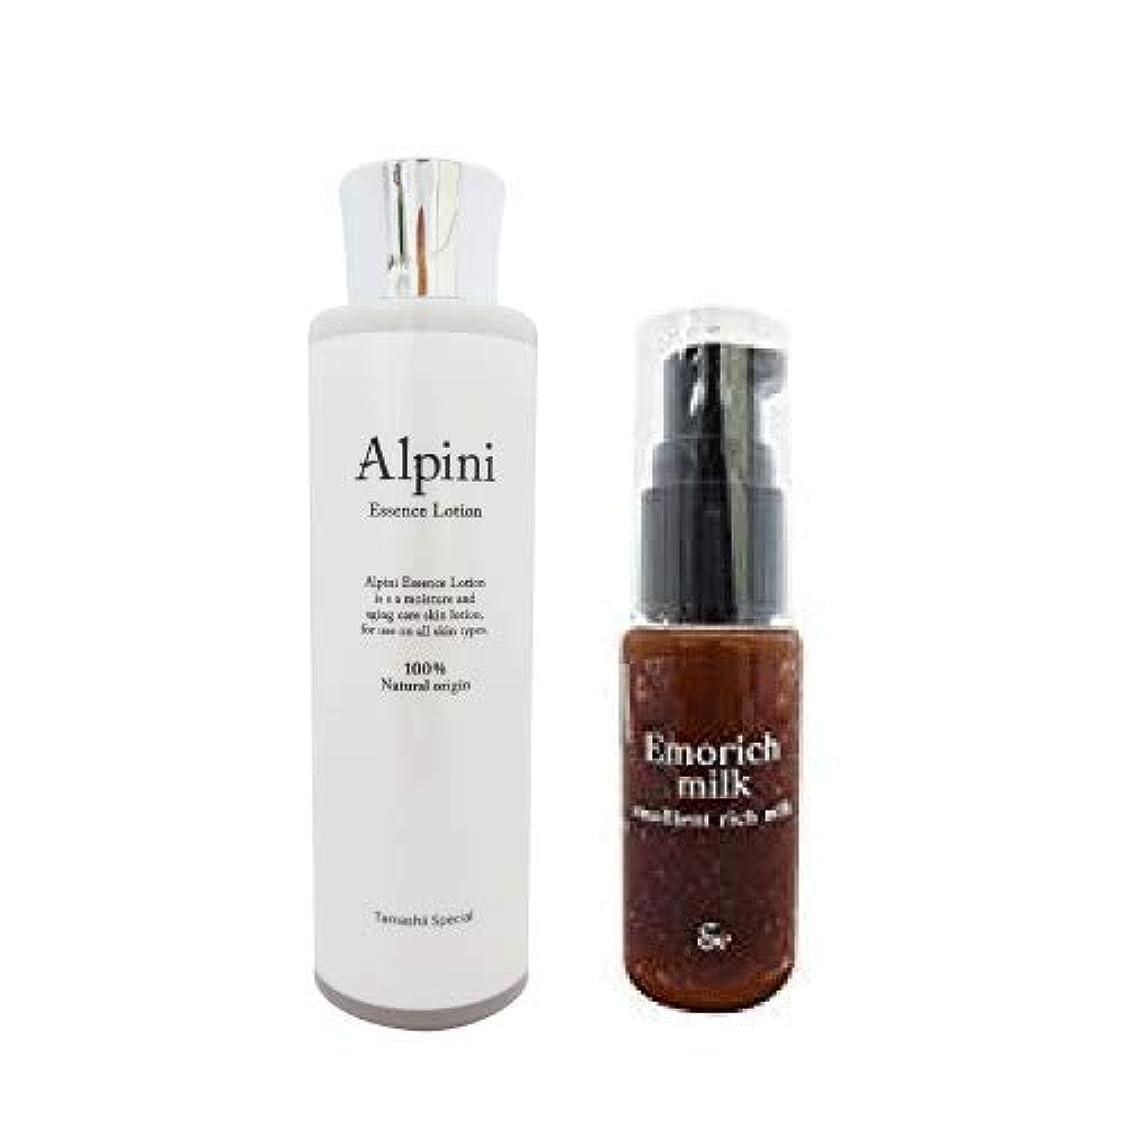 面アークベイビーアルピニエッセンスローション150ml+エモリッチミルク30mlセット 完全無添加の保湿化粧水と乳液(ミルク美容液)セット